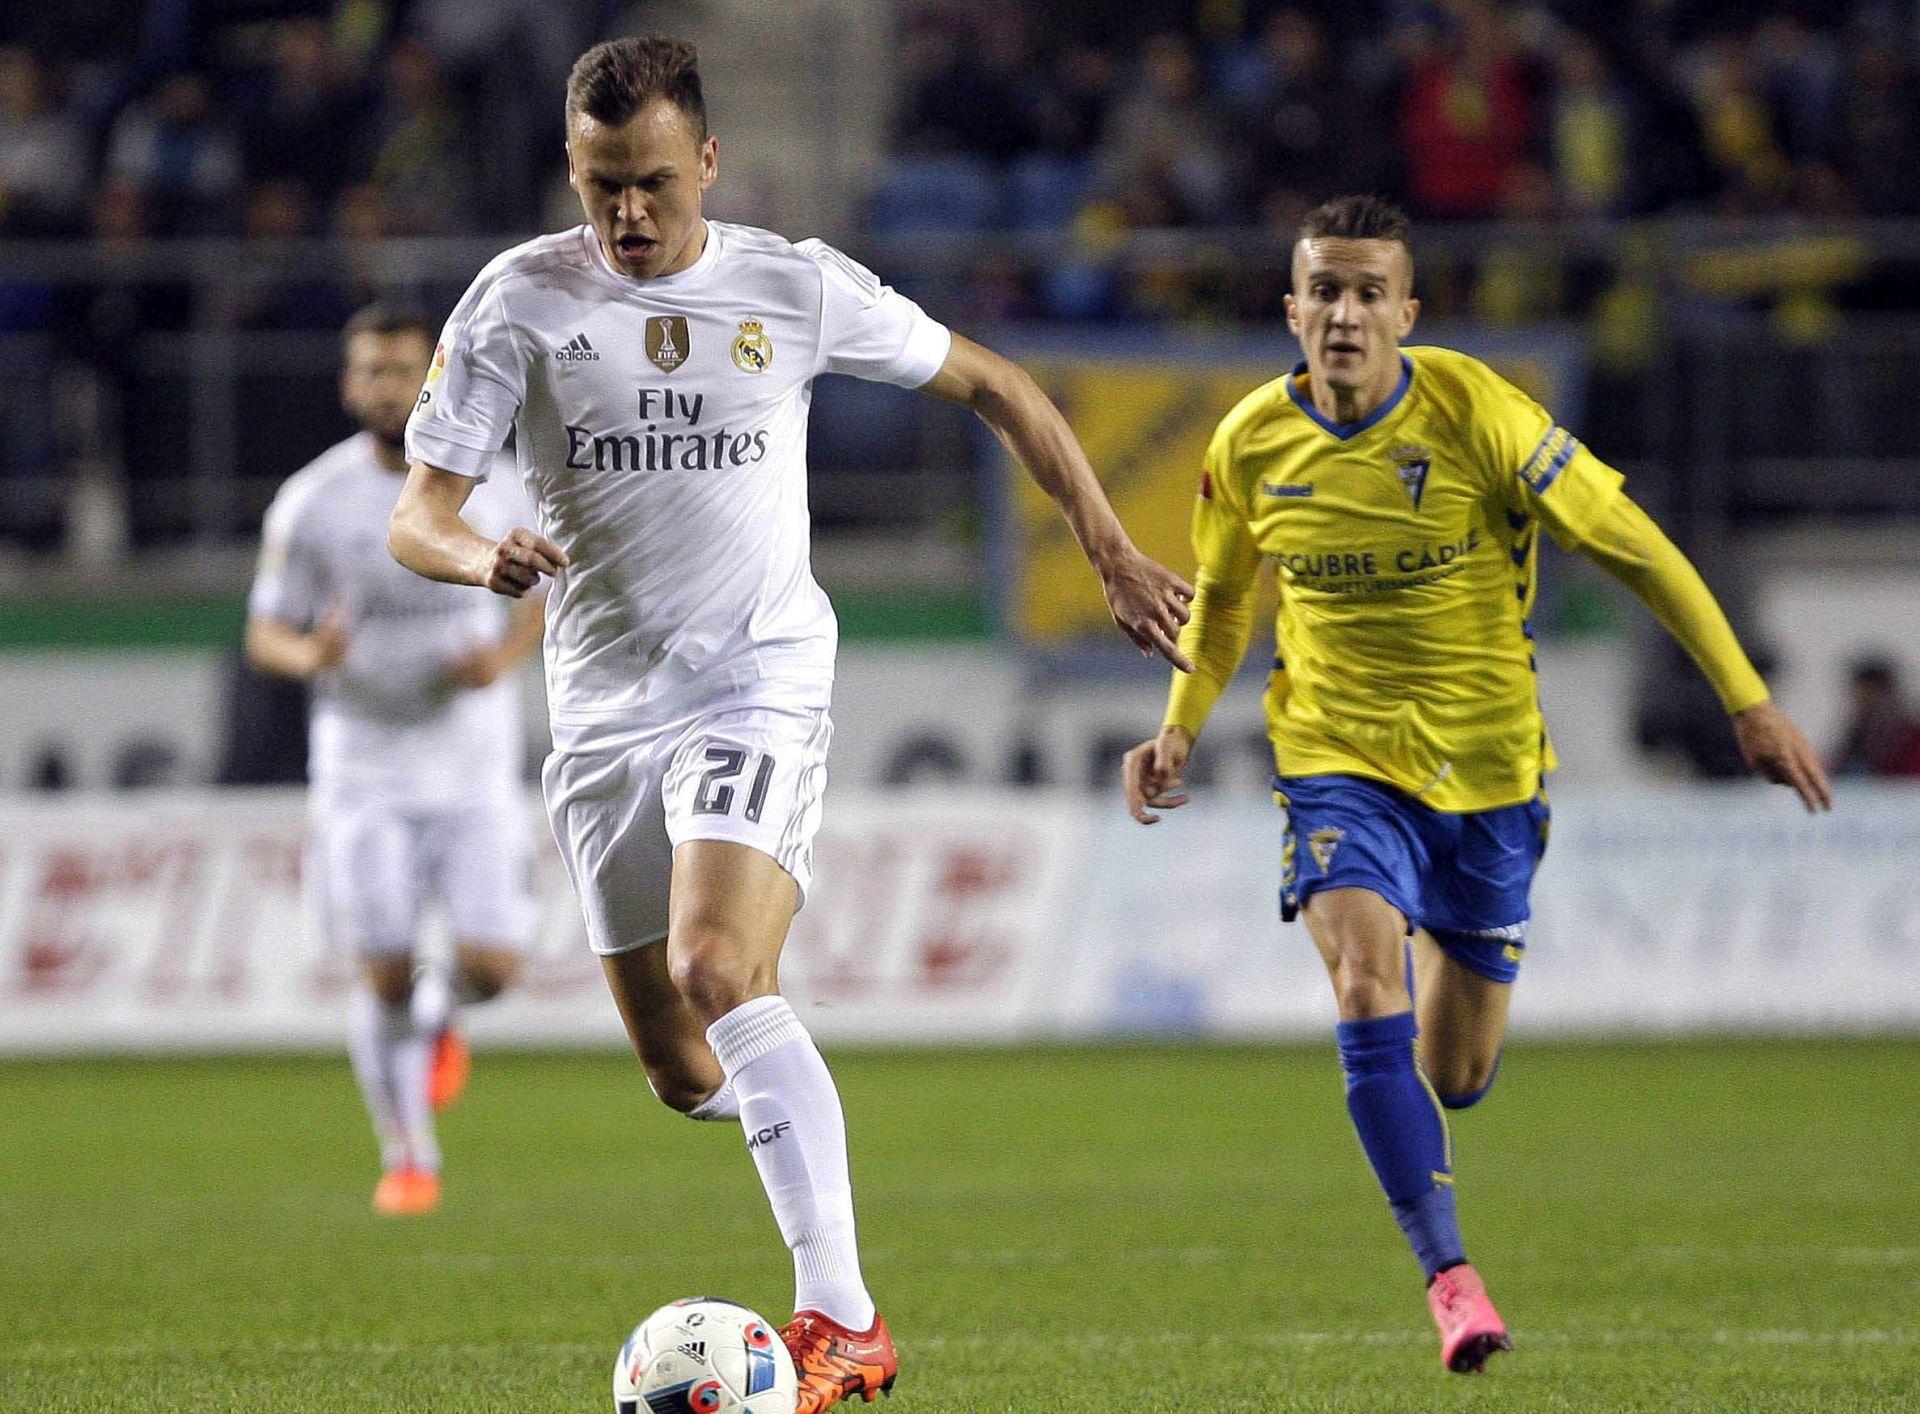 ODLUČENO: Real Madrid izbačen iz Kupa